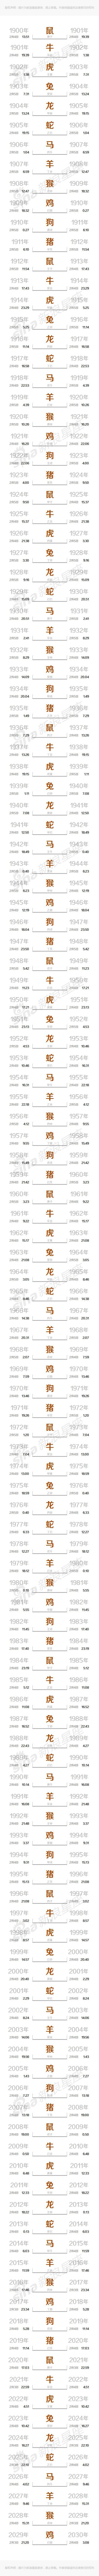 1900年~2030年生肖轮换精确时间